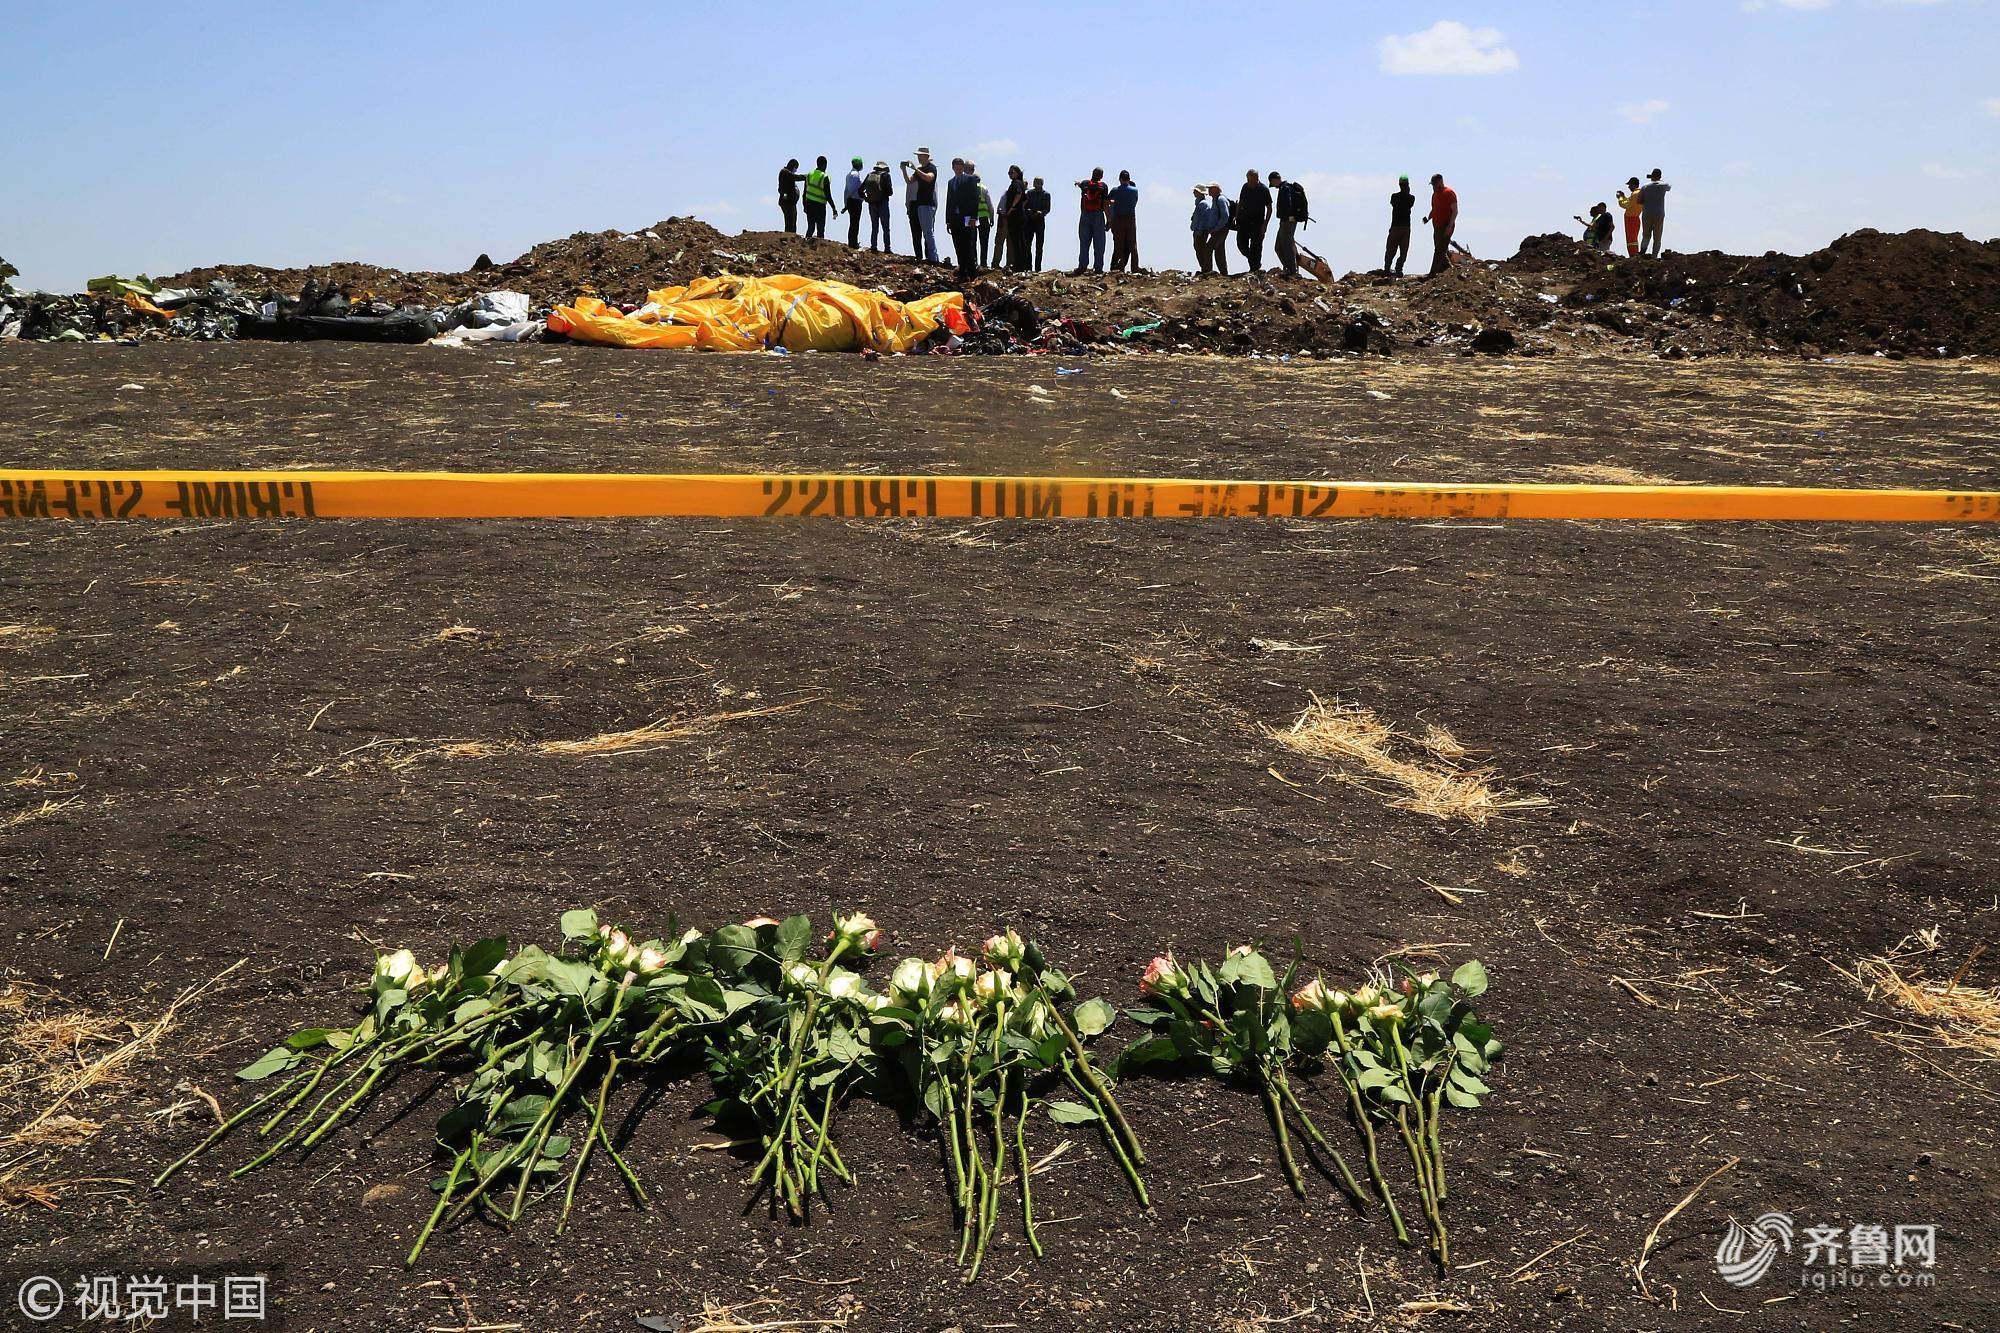 埃塞俄比亚航空公司失事航班ET302救援工作基